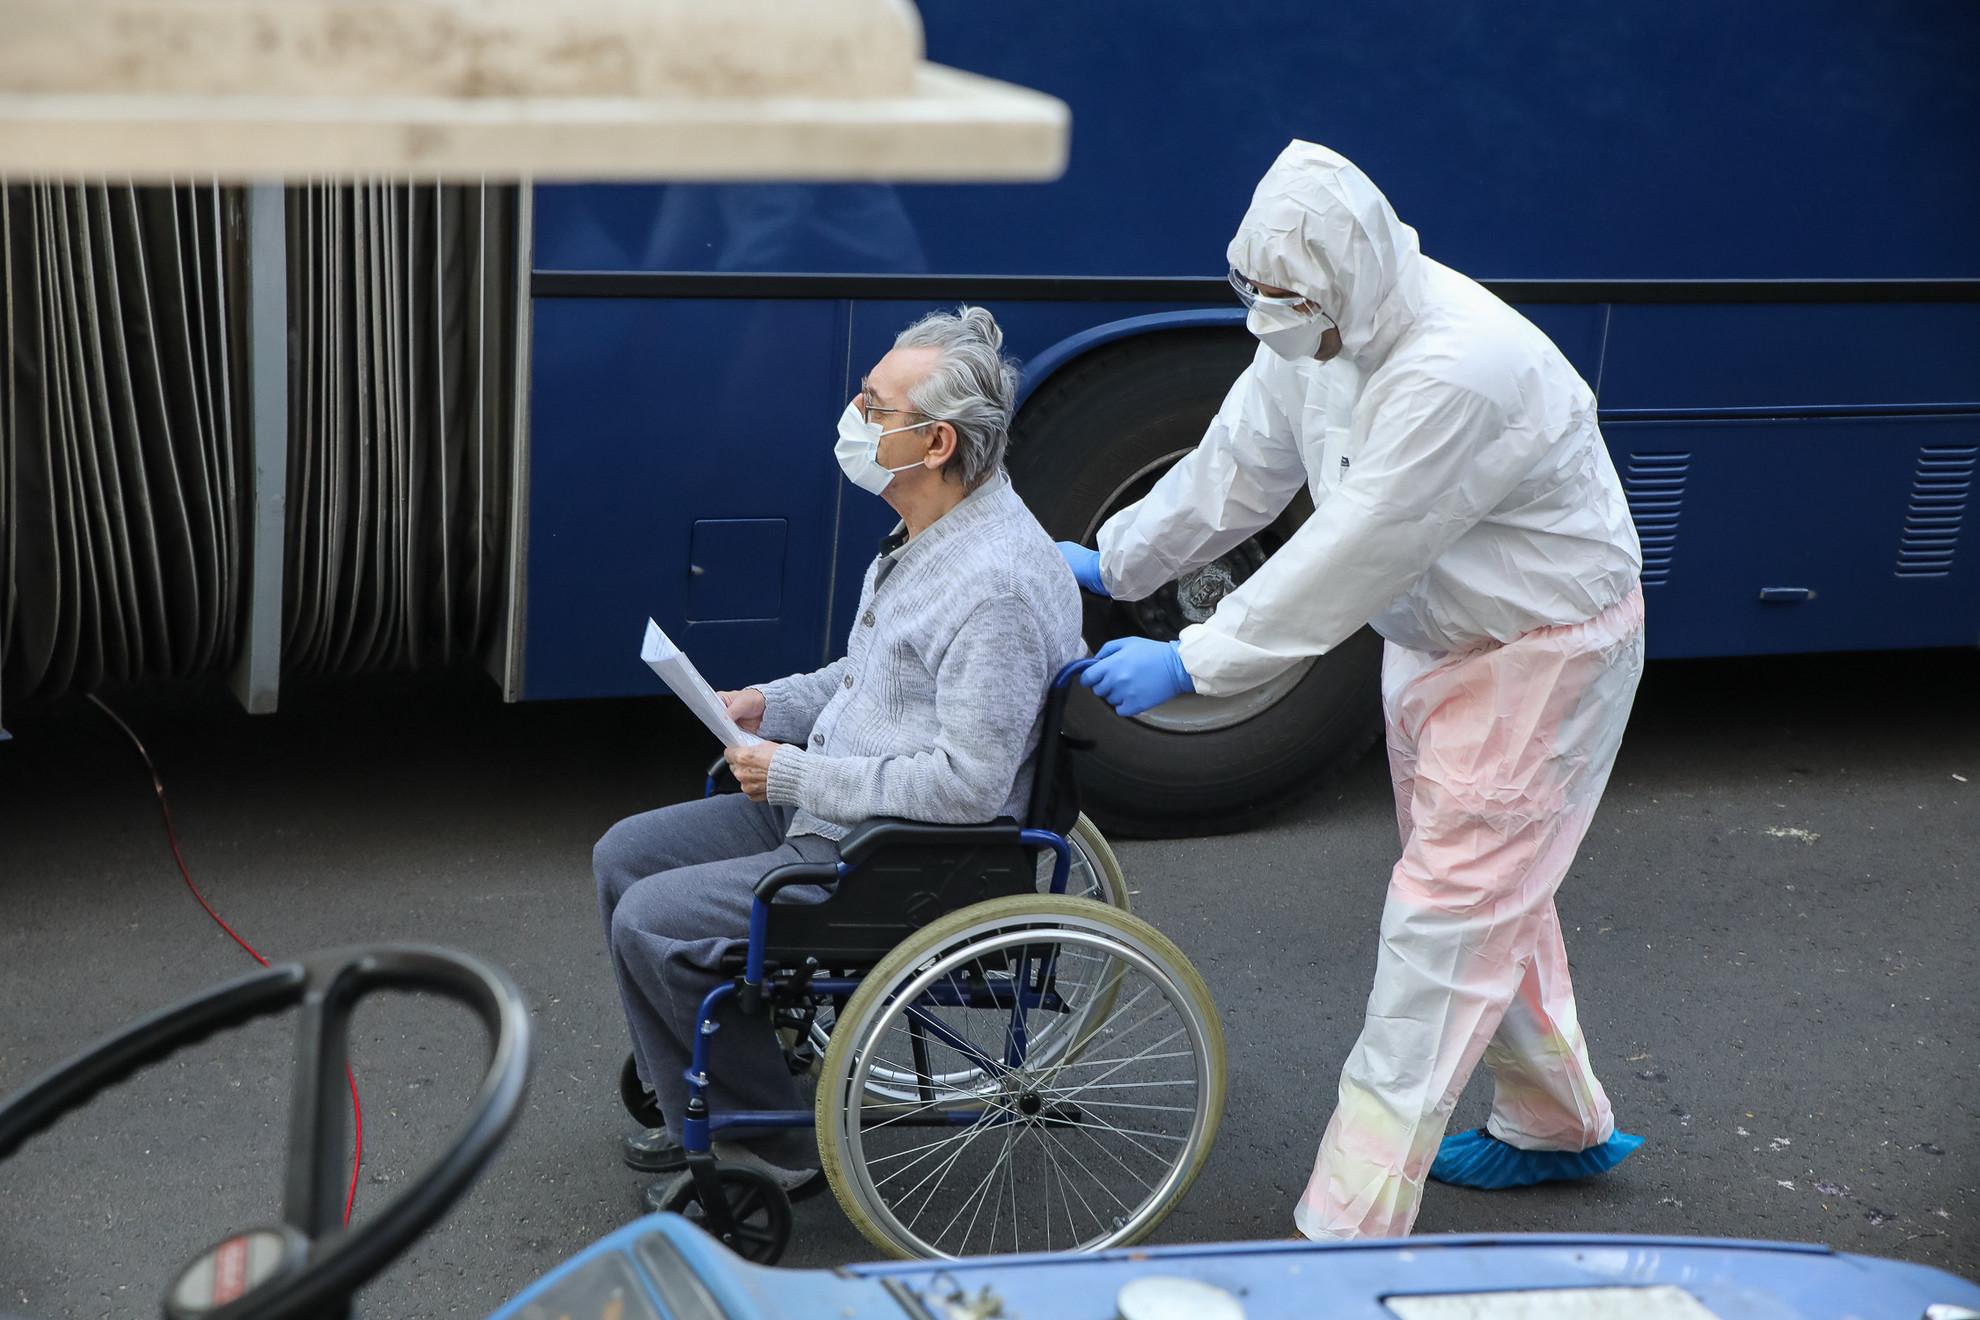 Koronavírus miatt evakuálták a Pesti úti idősotthont